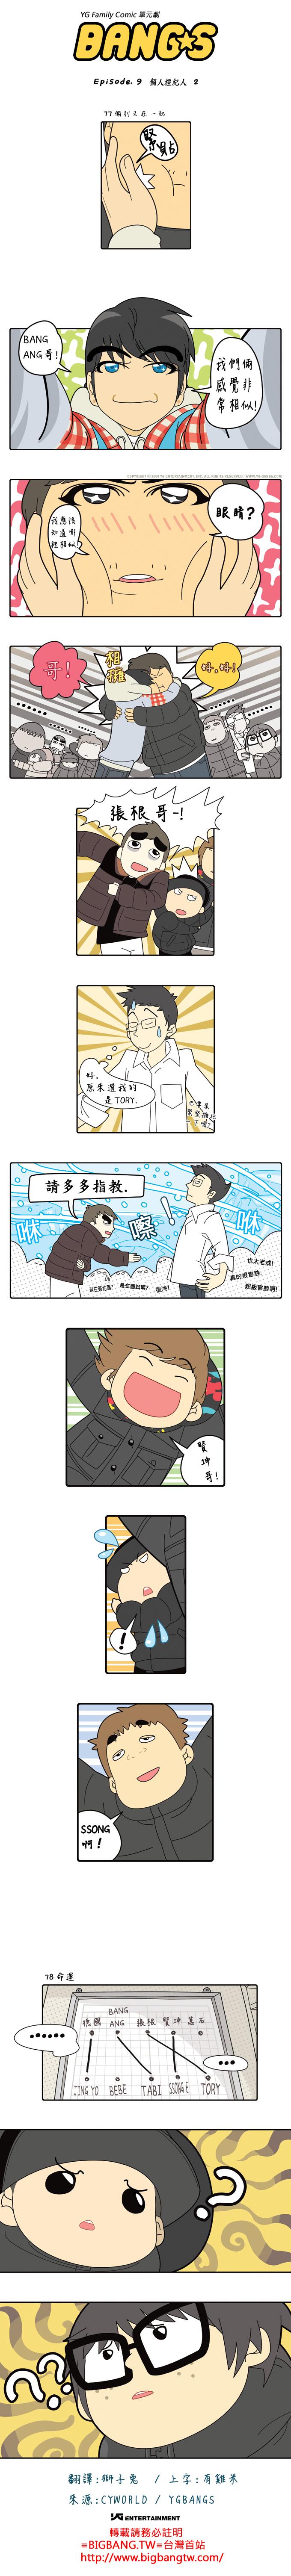 中譯 20090930_Episode 9_個人經紀人 077_078.jpg